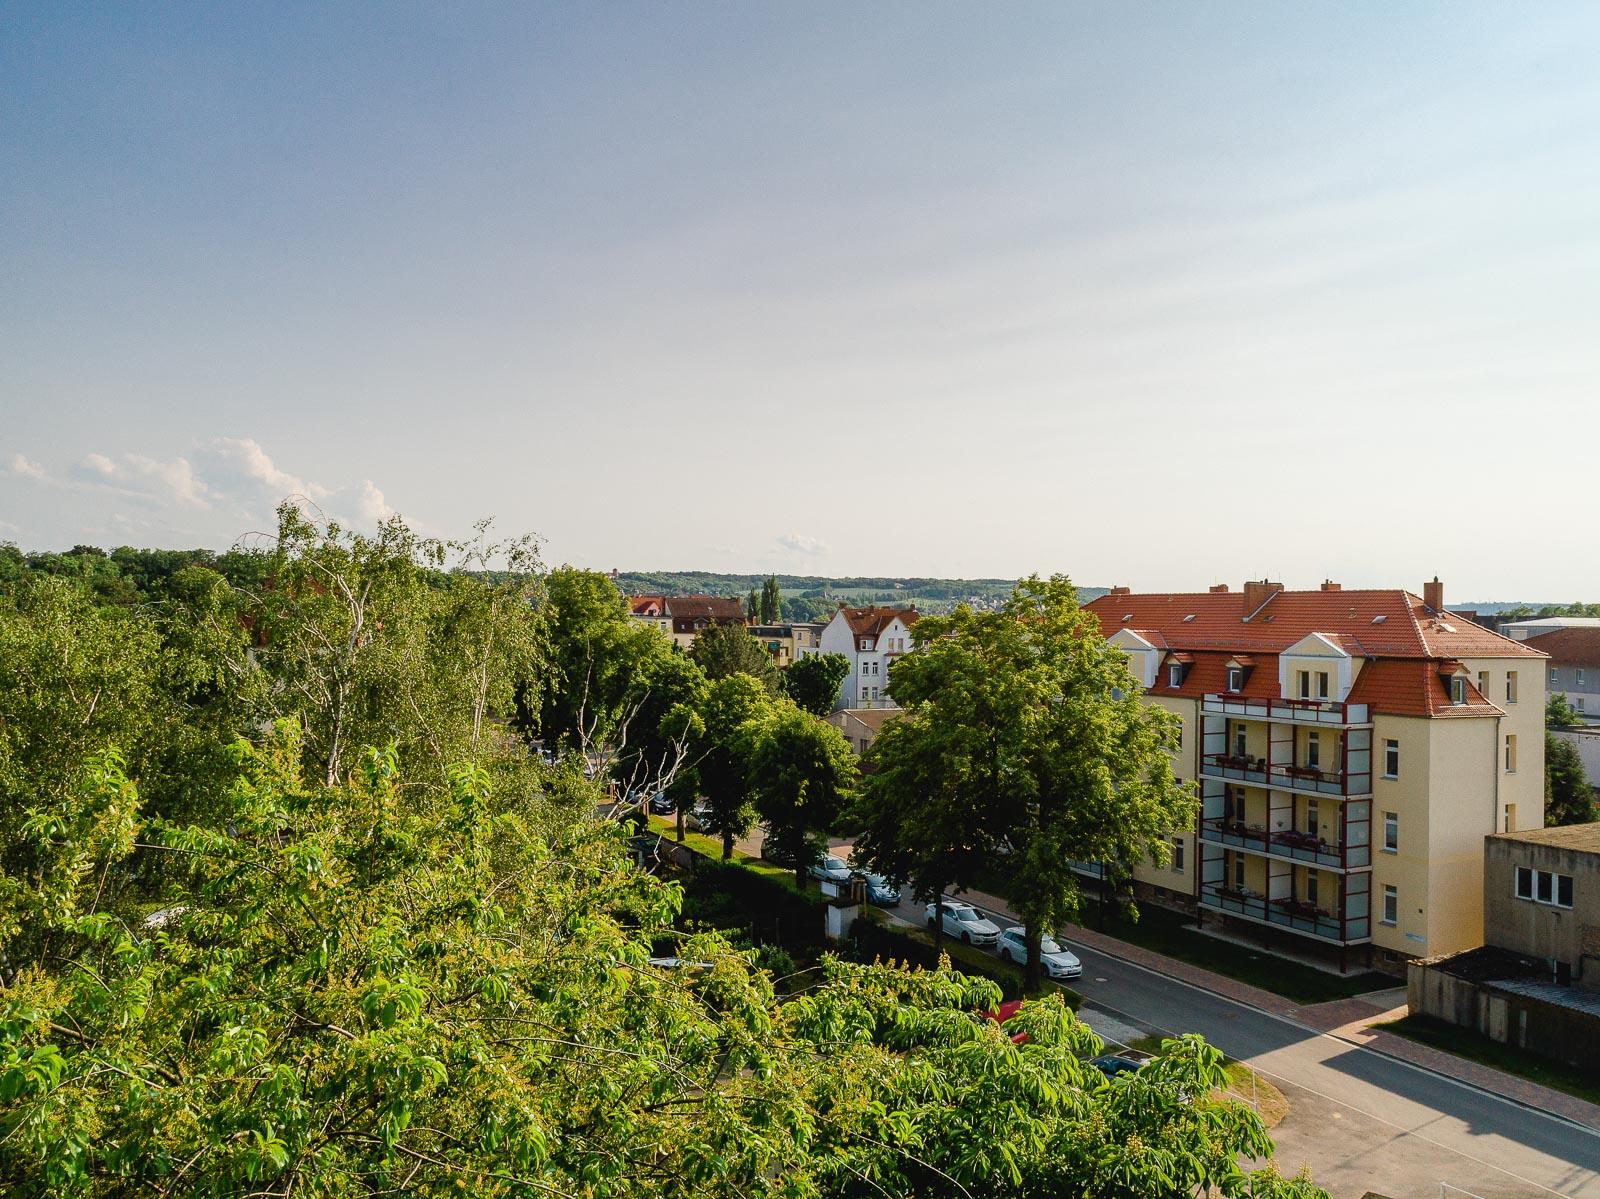 Wohnungen in der Saalestraße in Naumburg